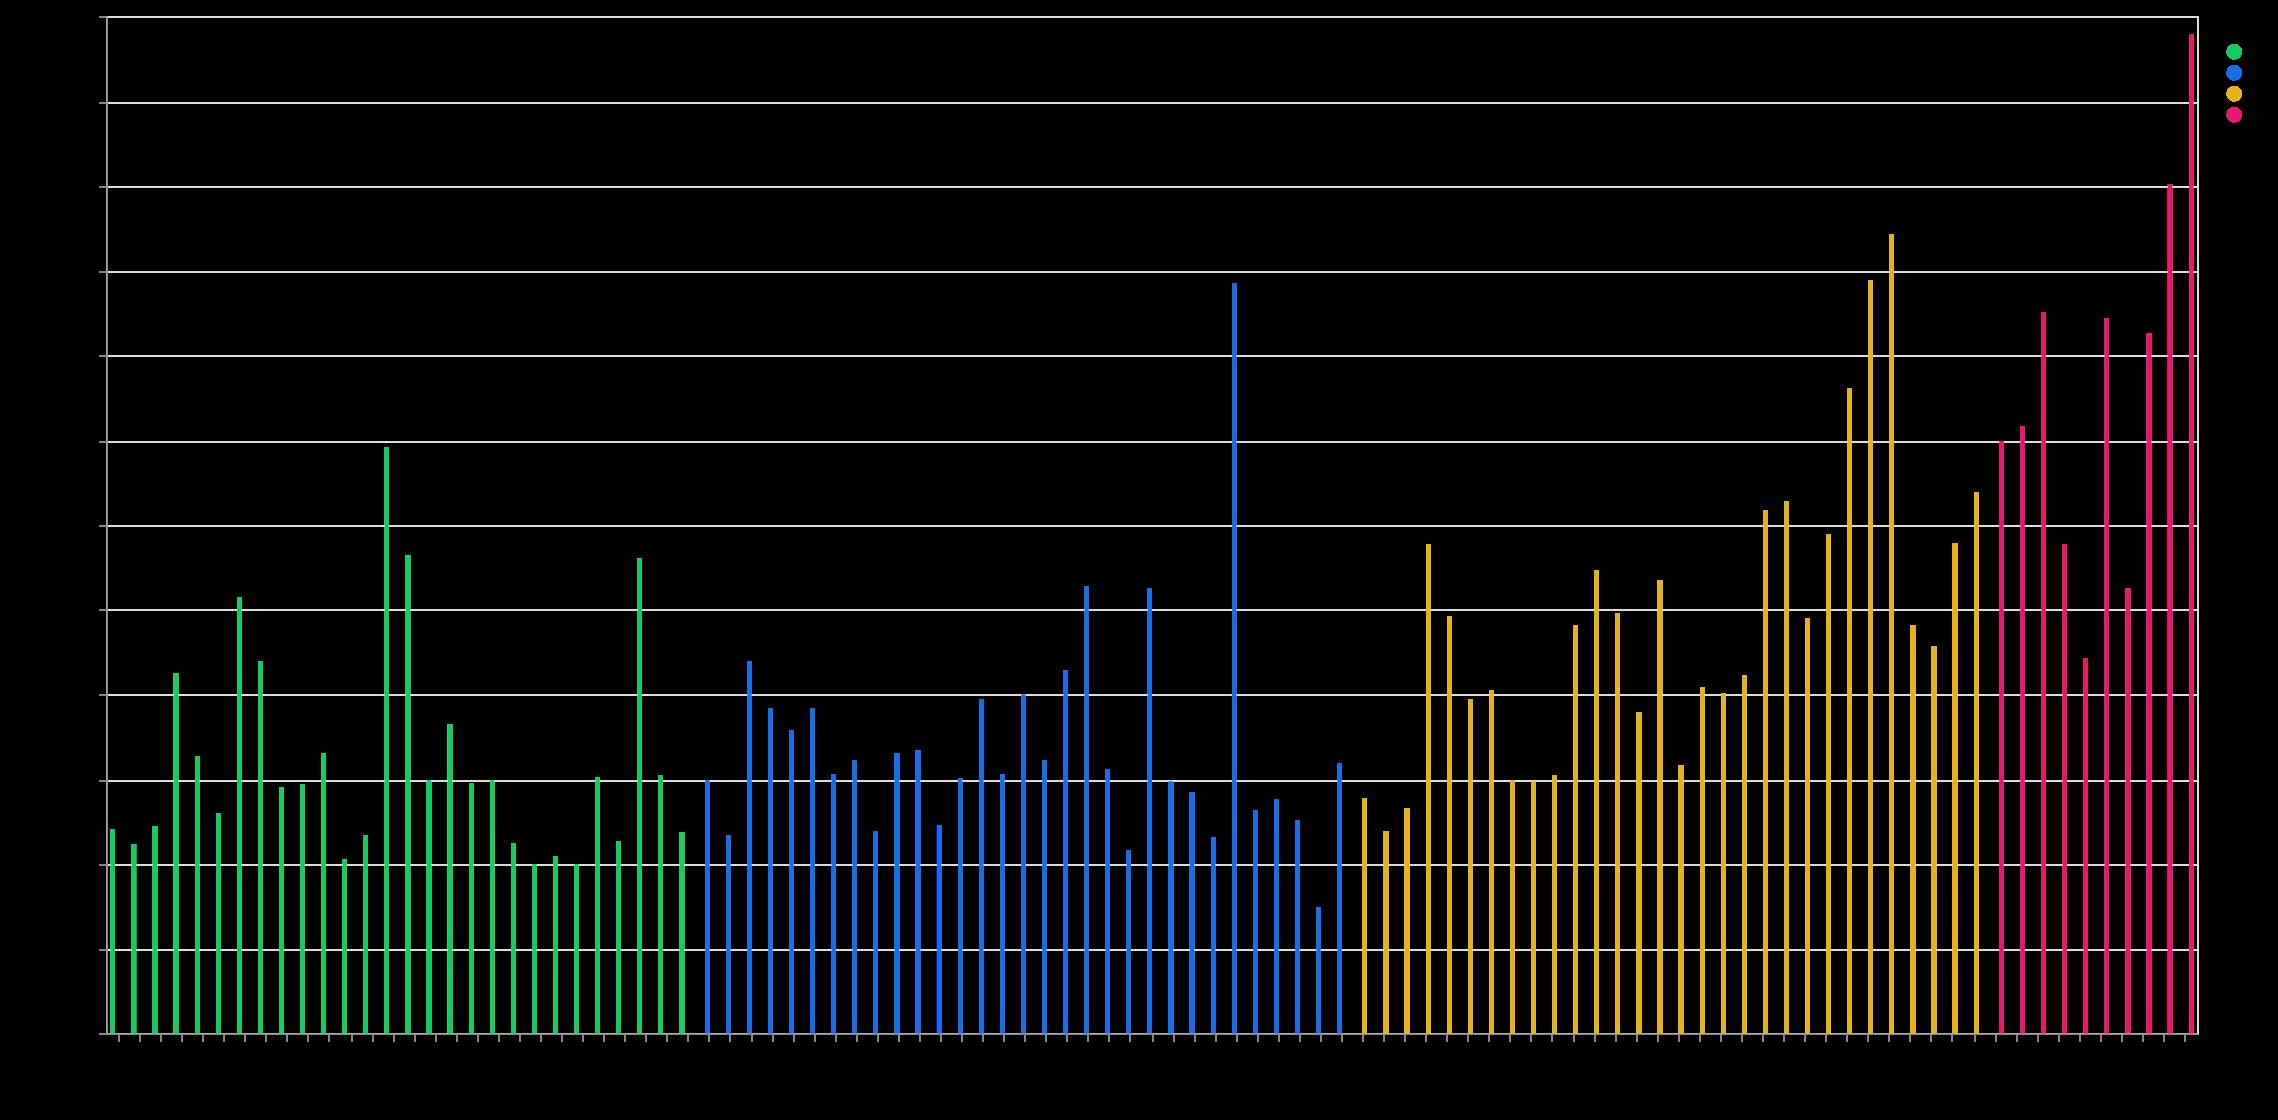 平均応答時間 (視聴毎平均の日別平均)